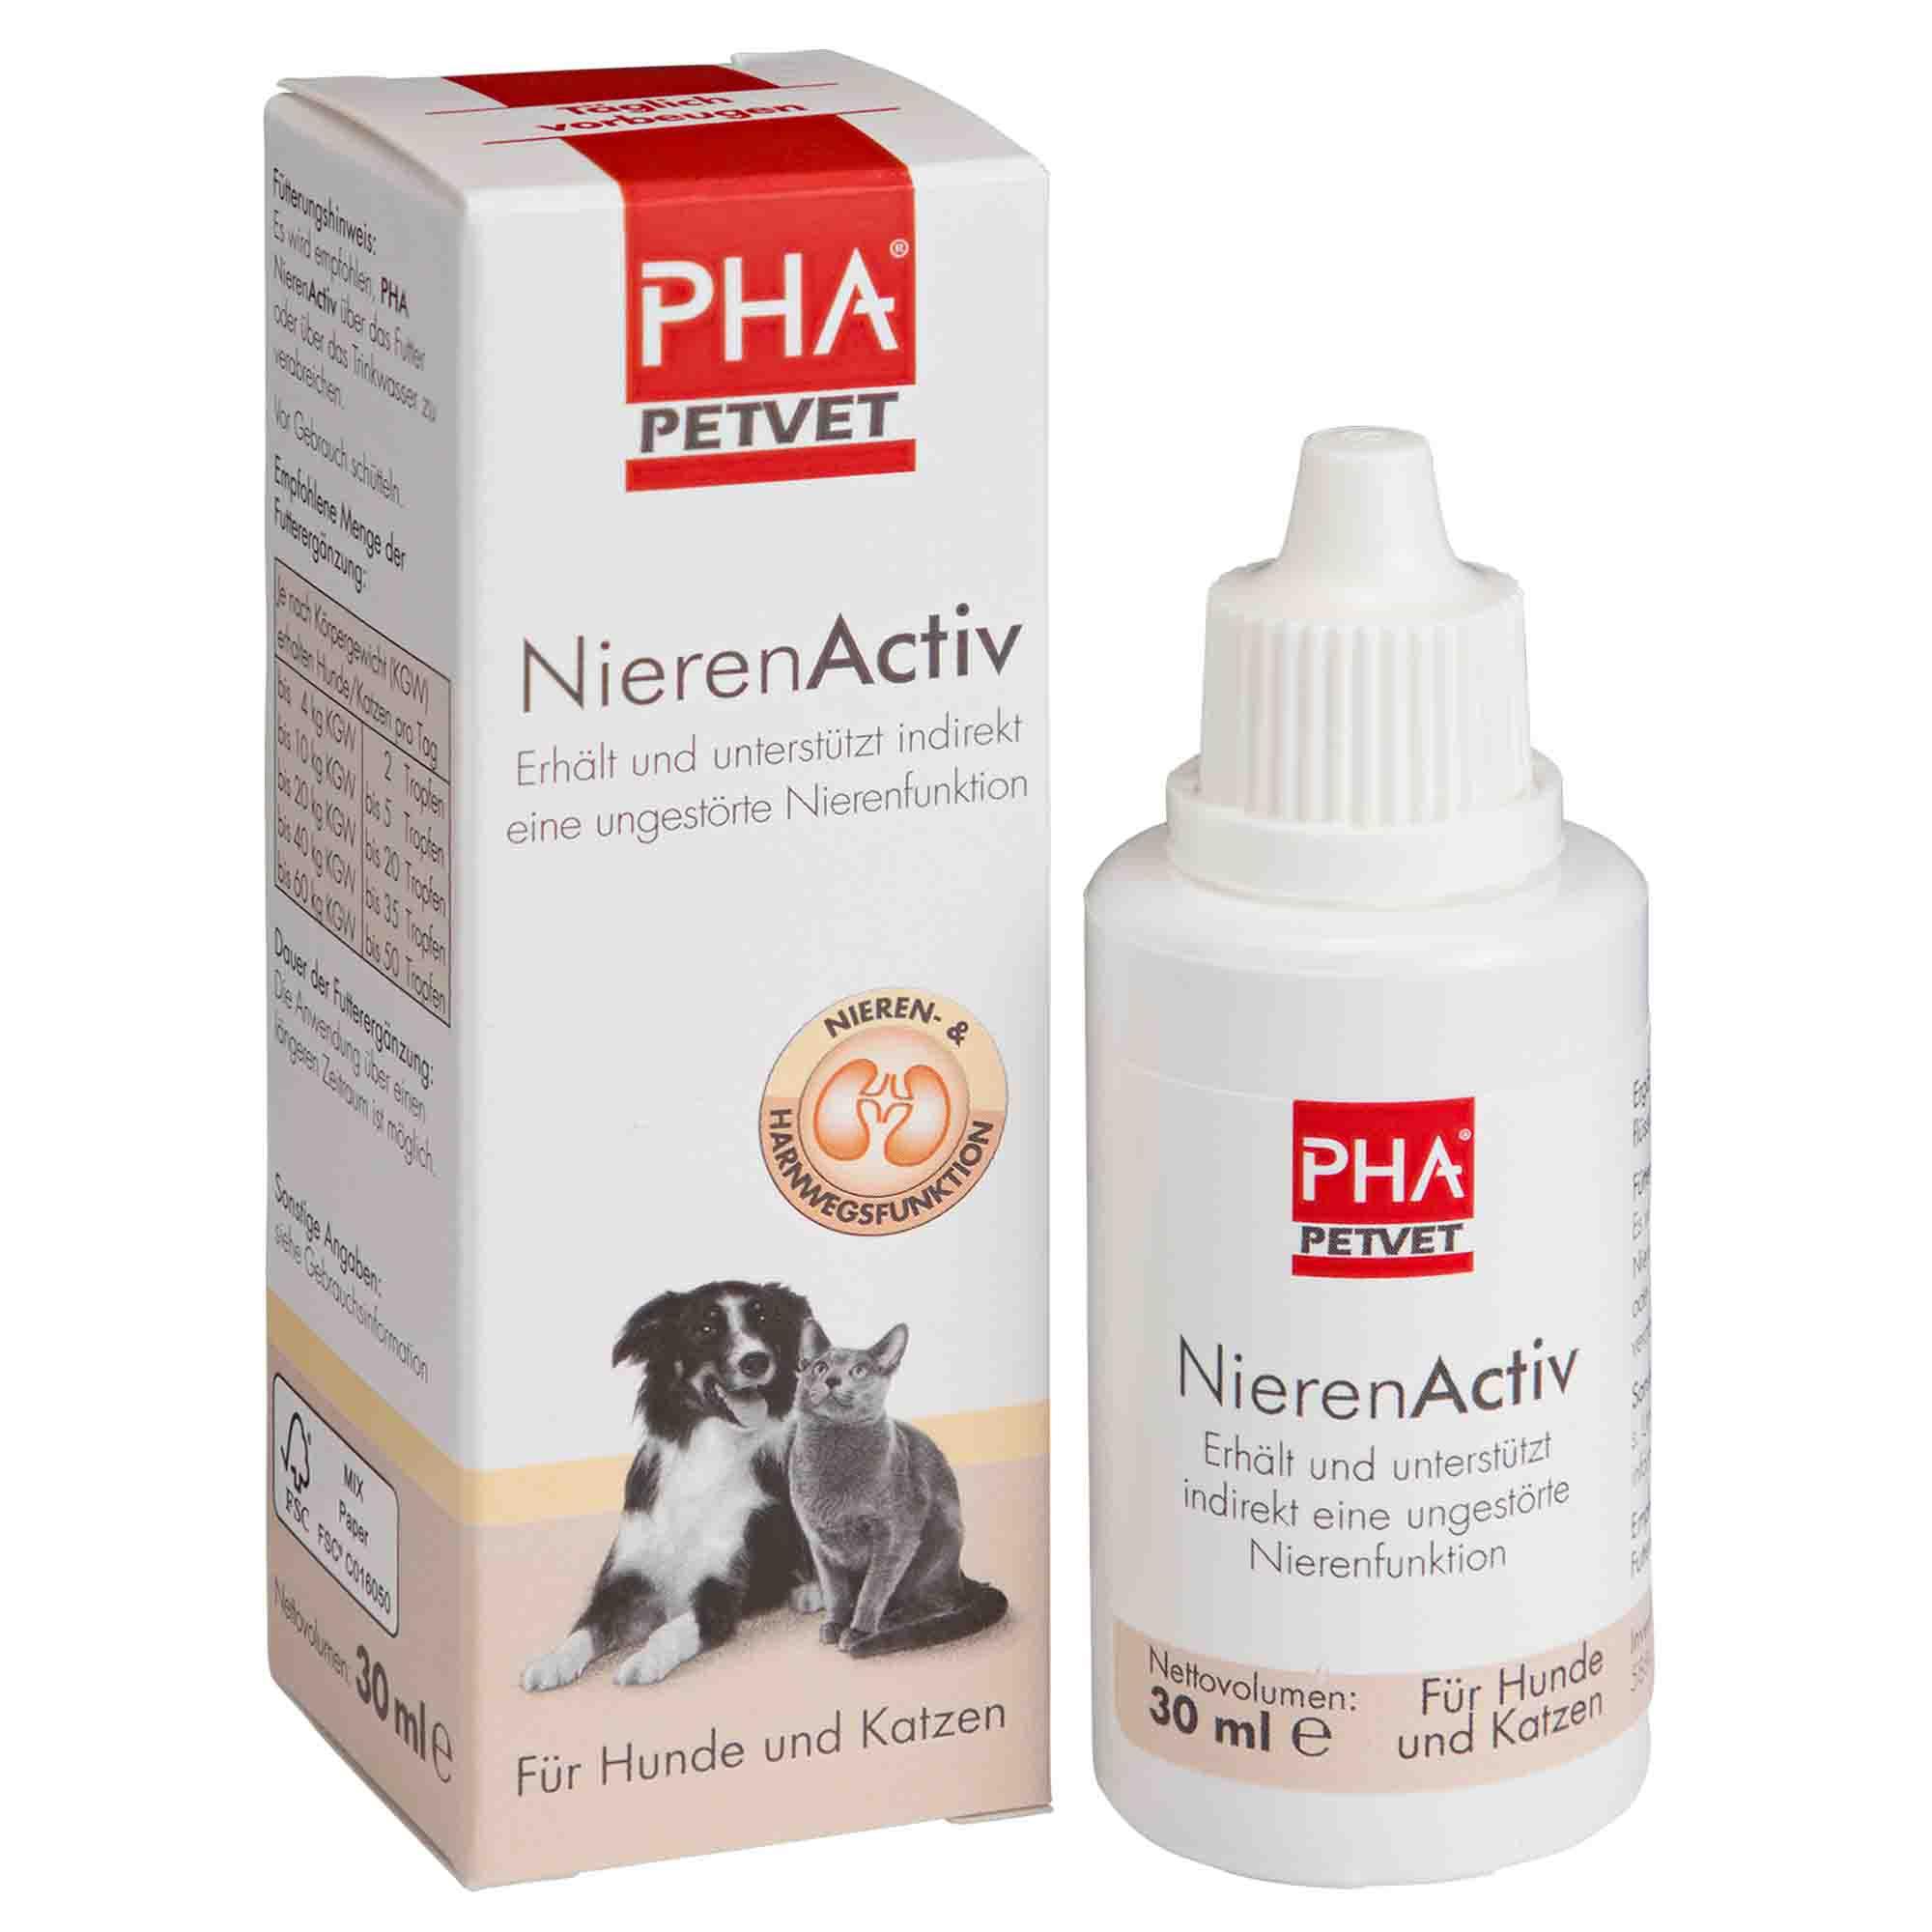 PHA NierenActiv für Hunde und Katzen 30ml